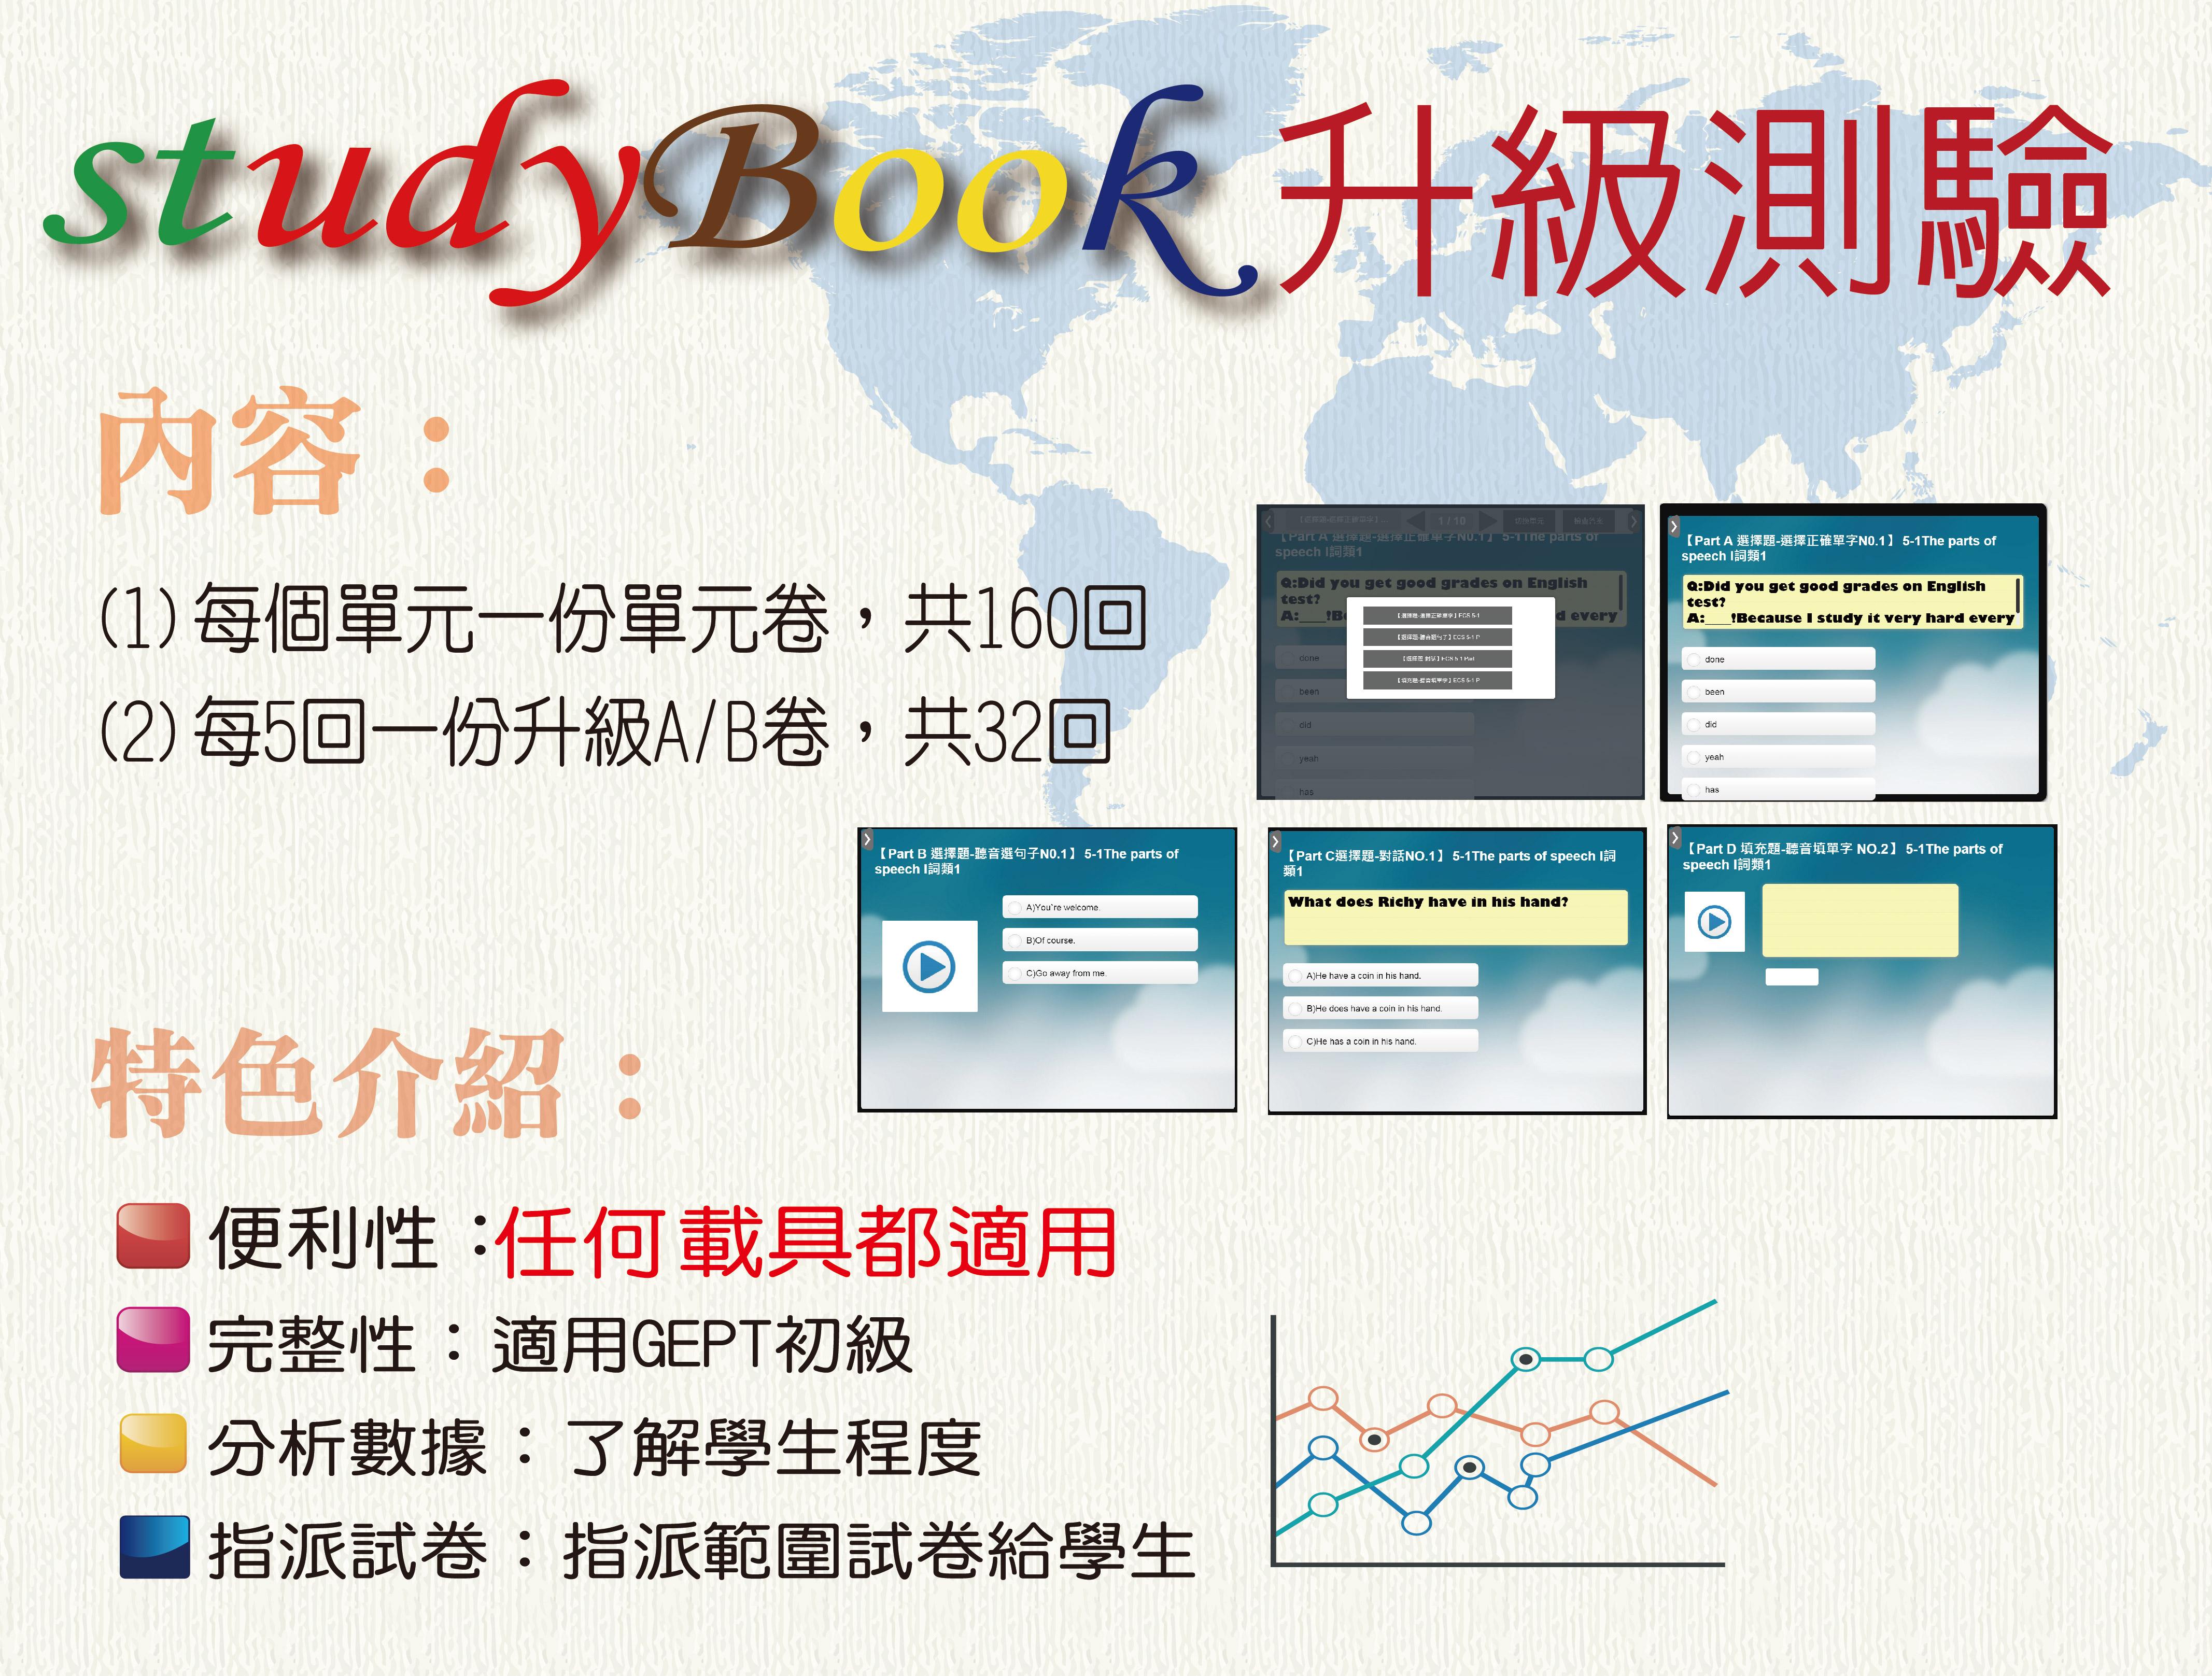 教育局-studybook升級測驗0420-01.jpg